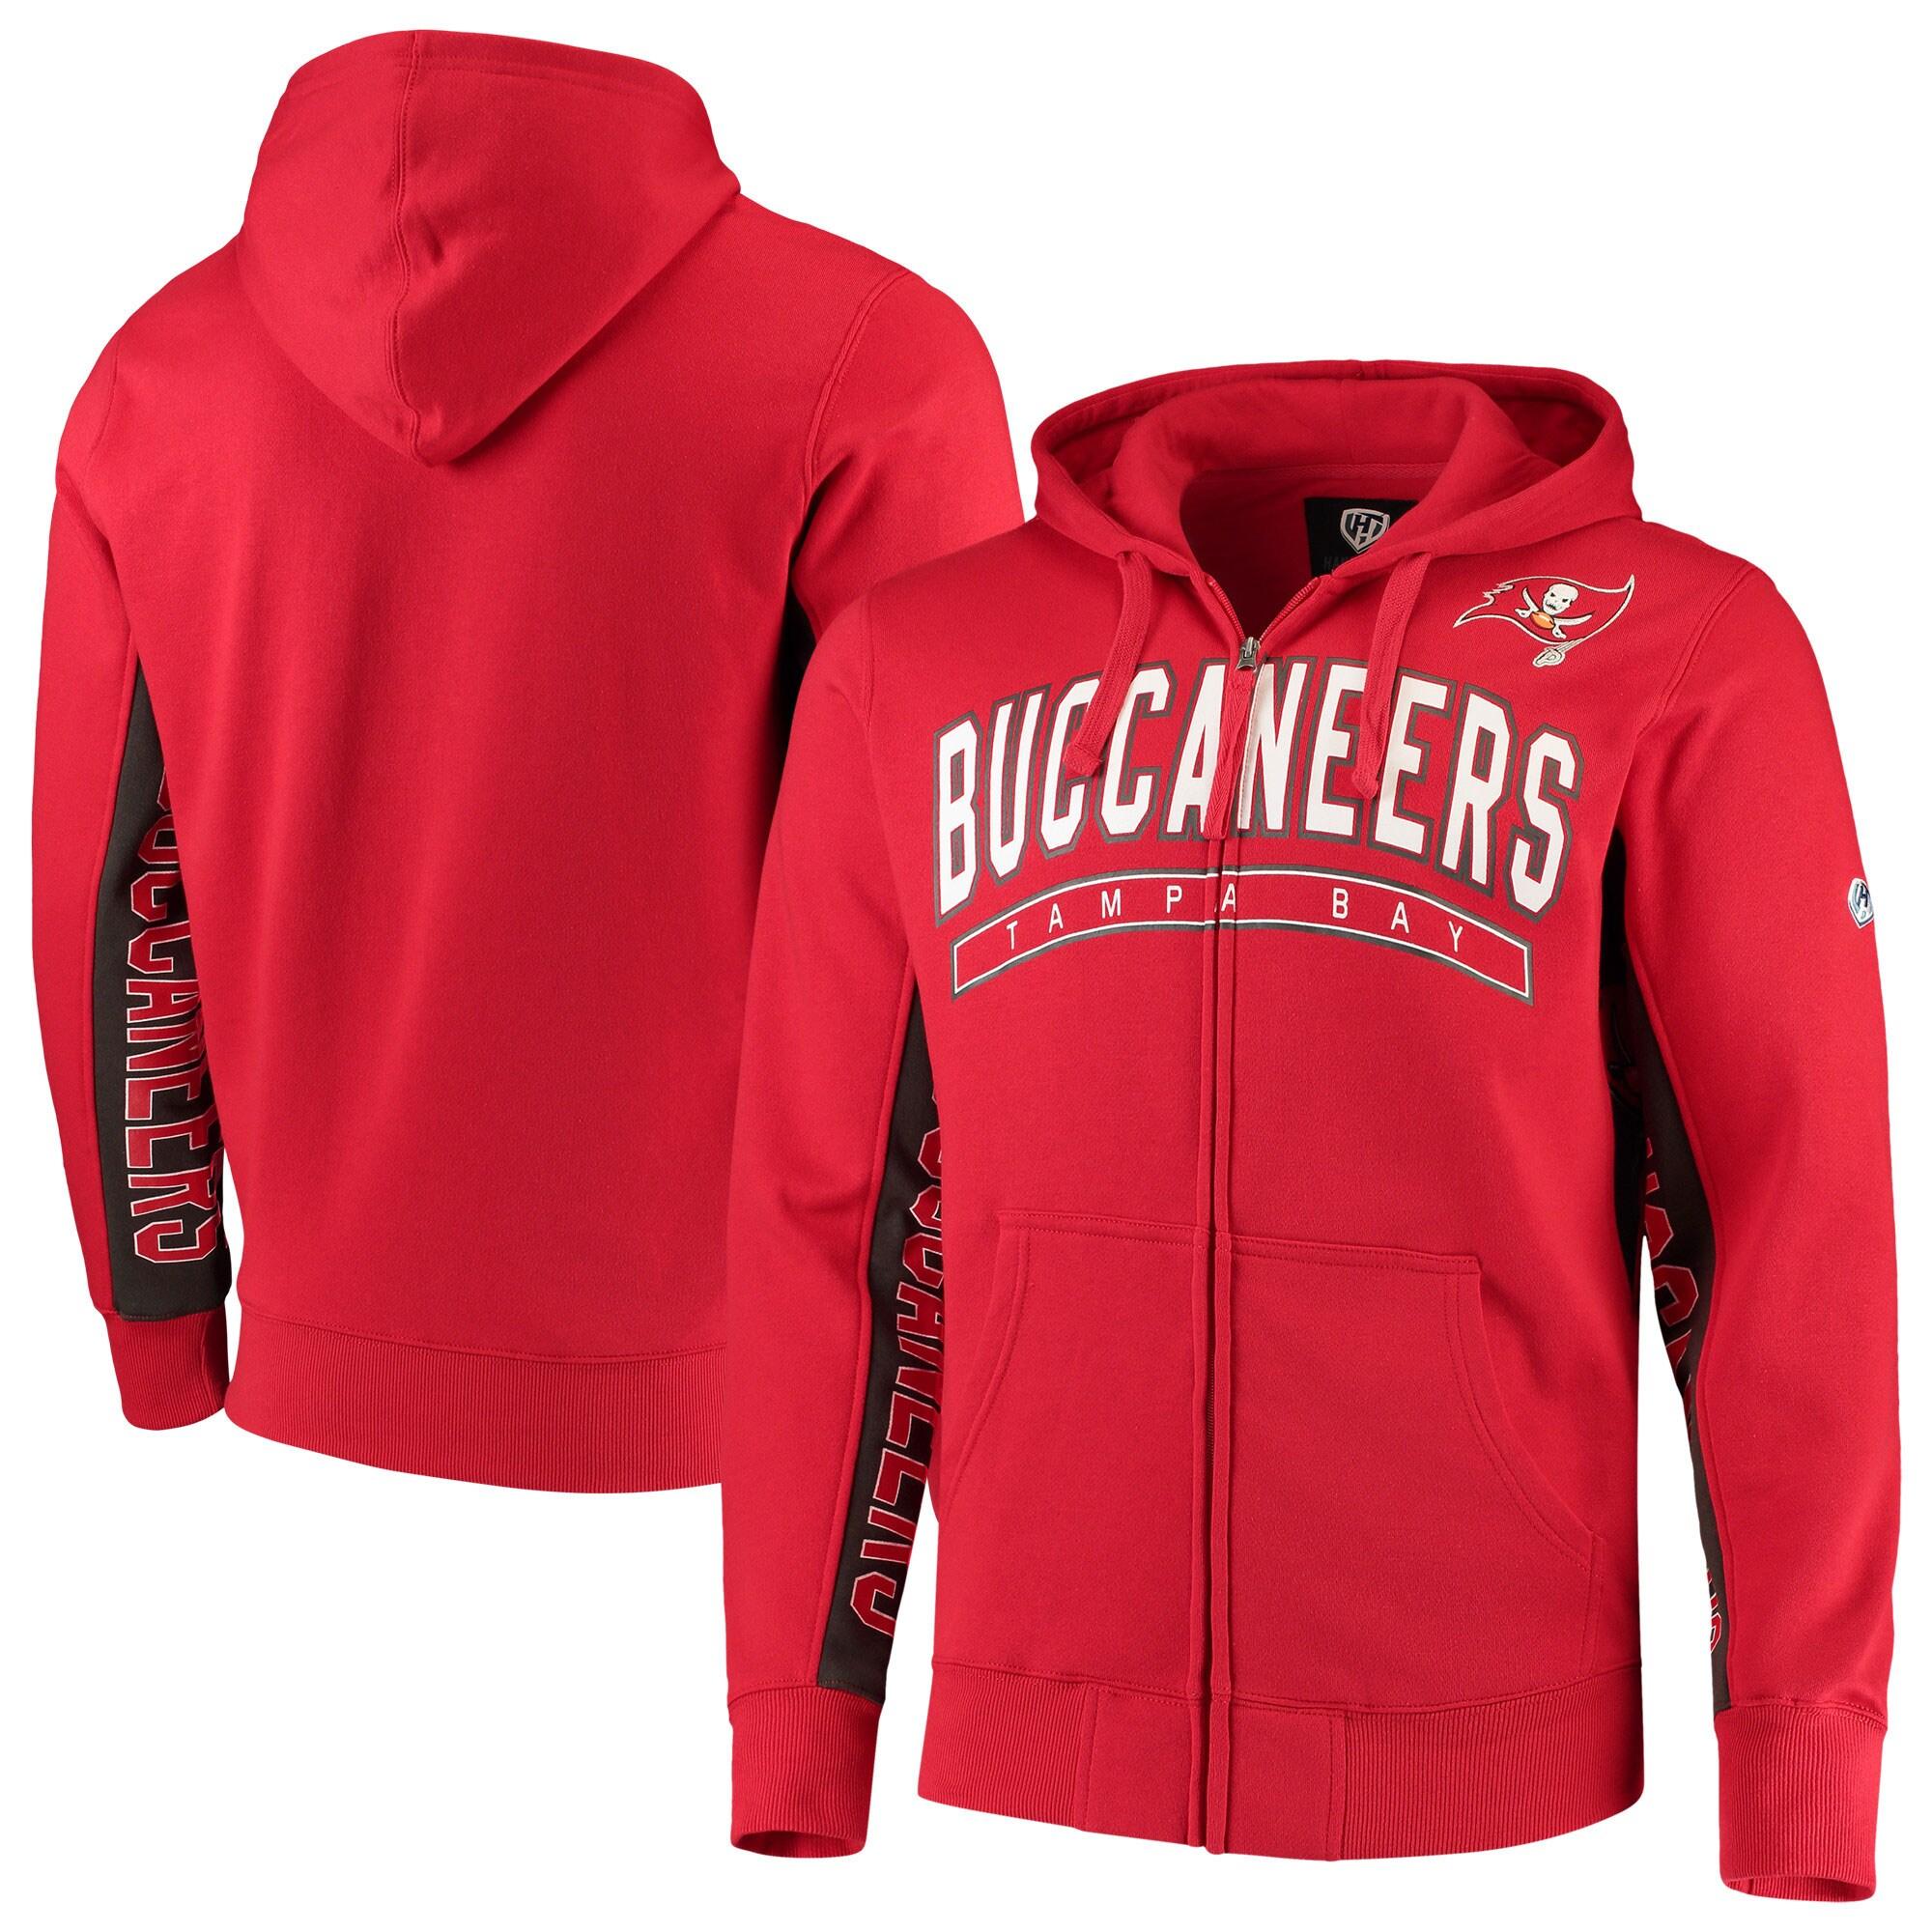 Tampa Bay Buccaneers Hands High Blowout Full-Zip Hoodie - Red/Pewter